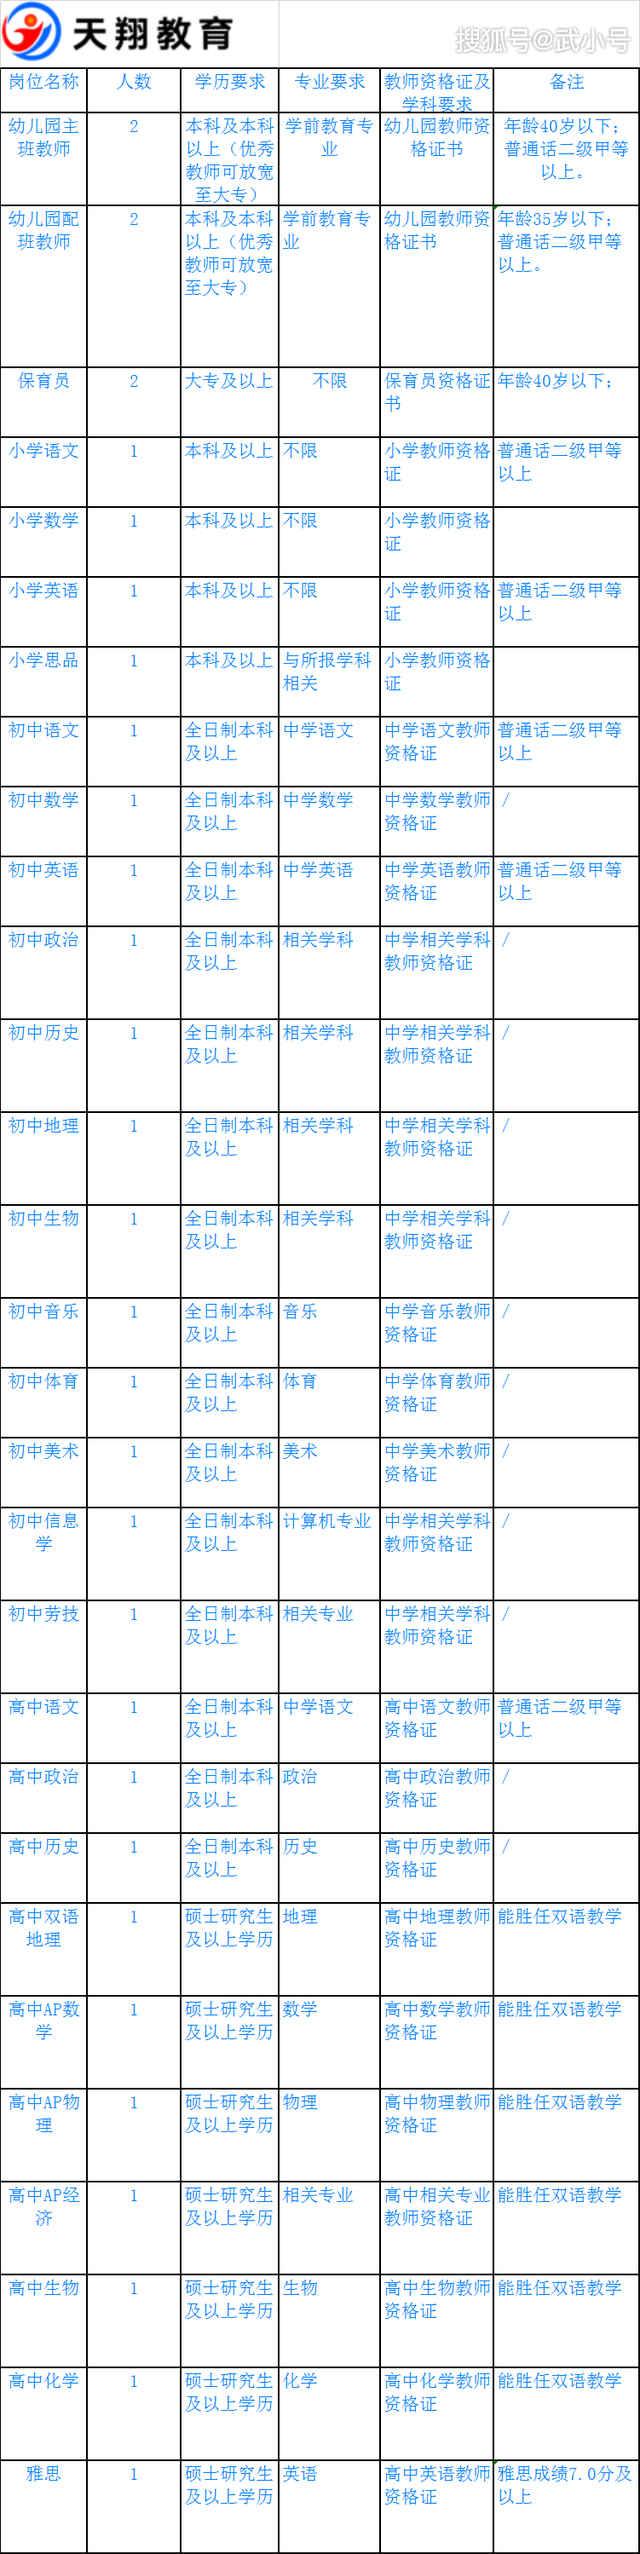 宿迁洋河中加学校(yccsc)系一所k12体系的民办学校,是江苏省宿迁市第